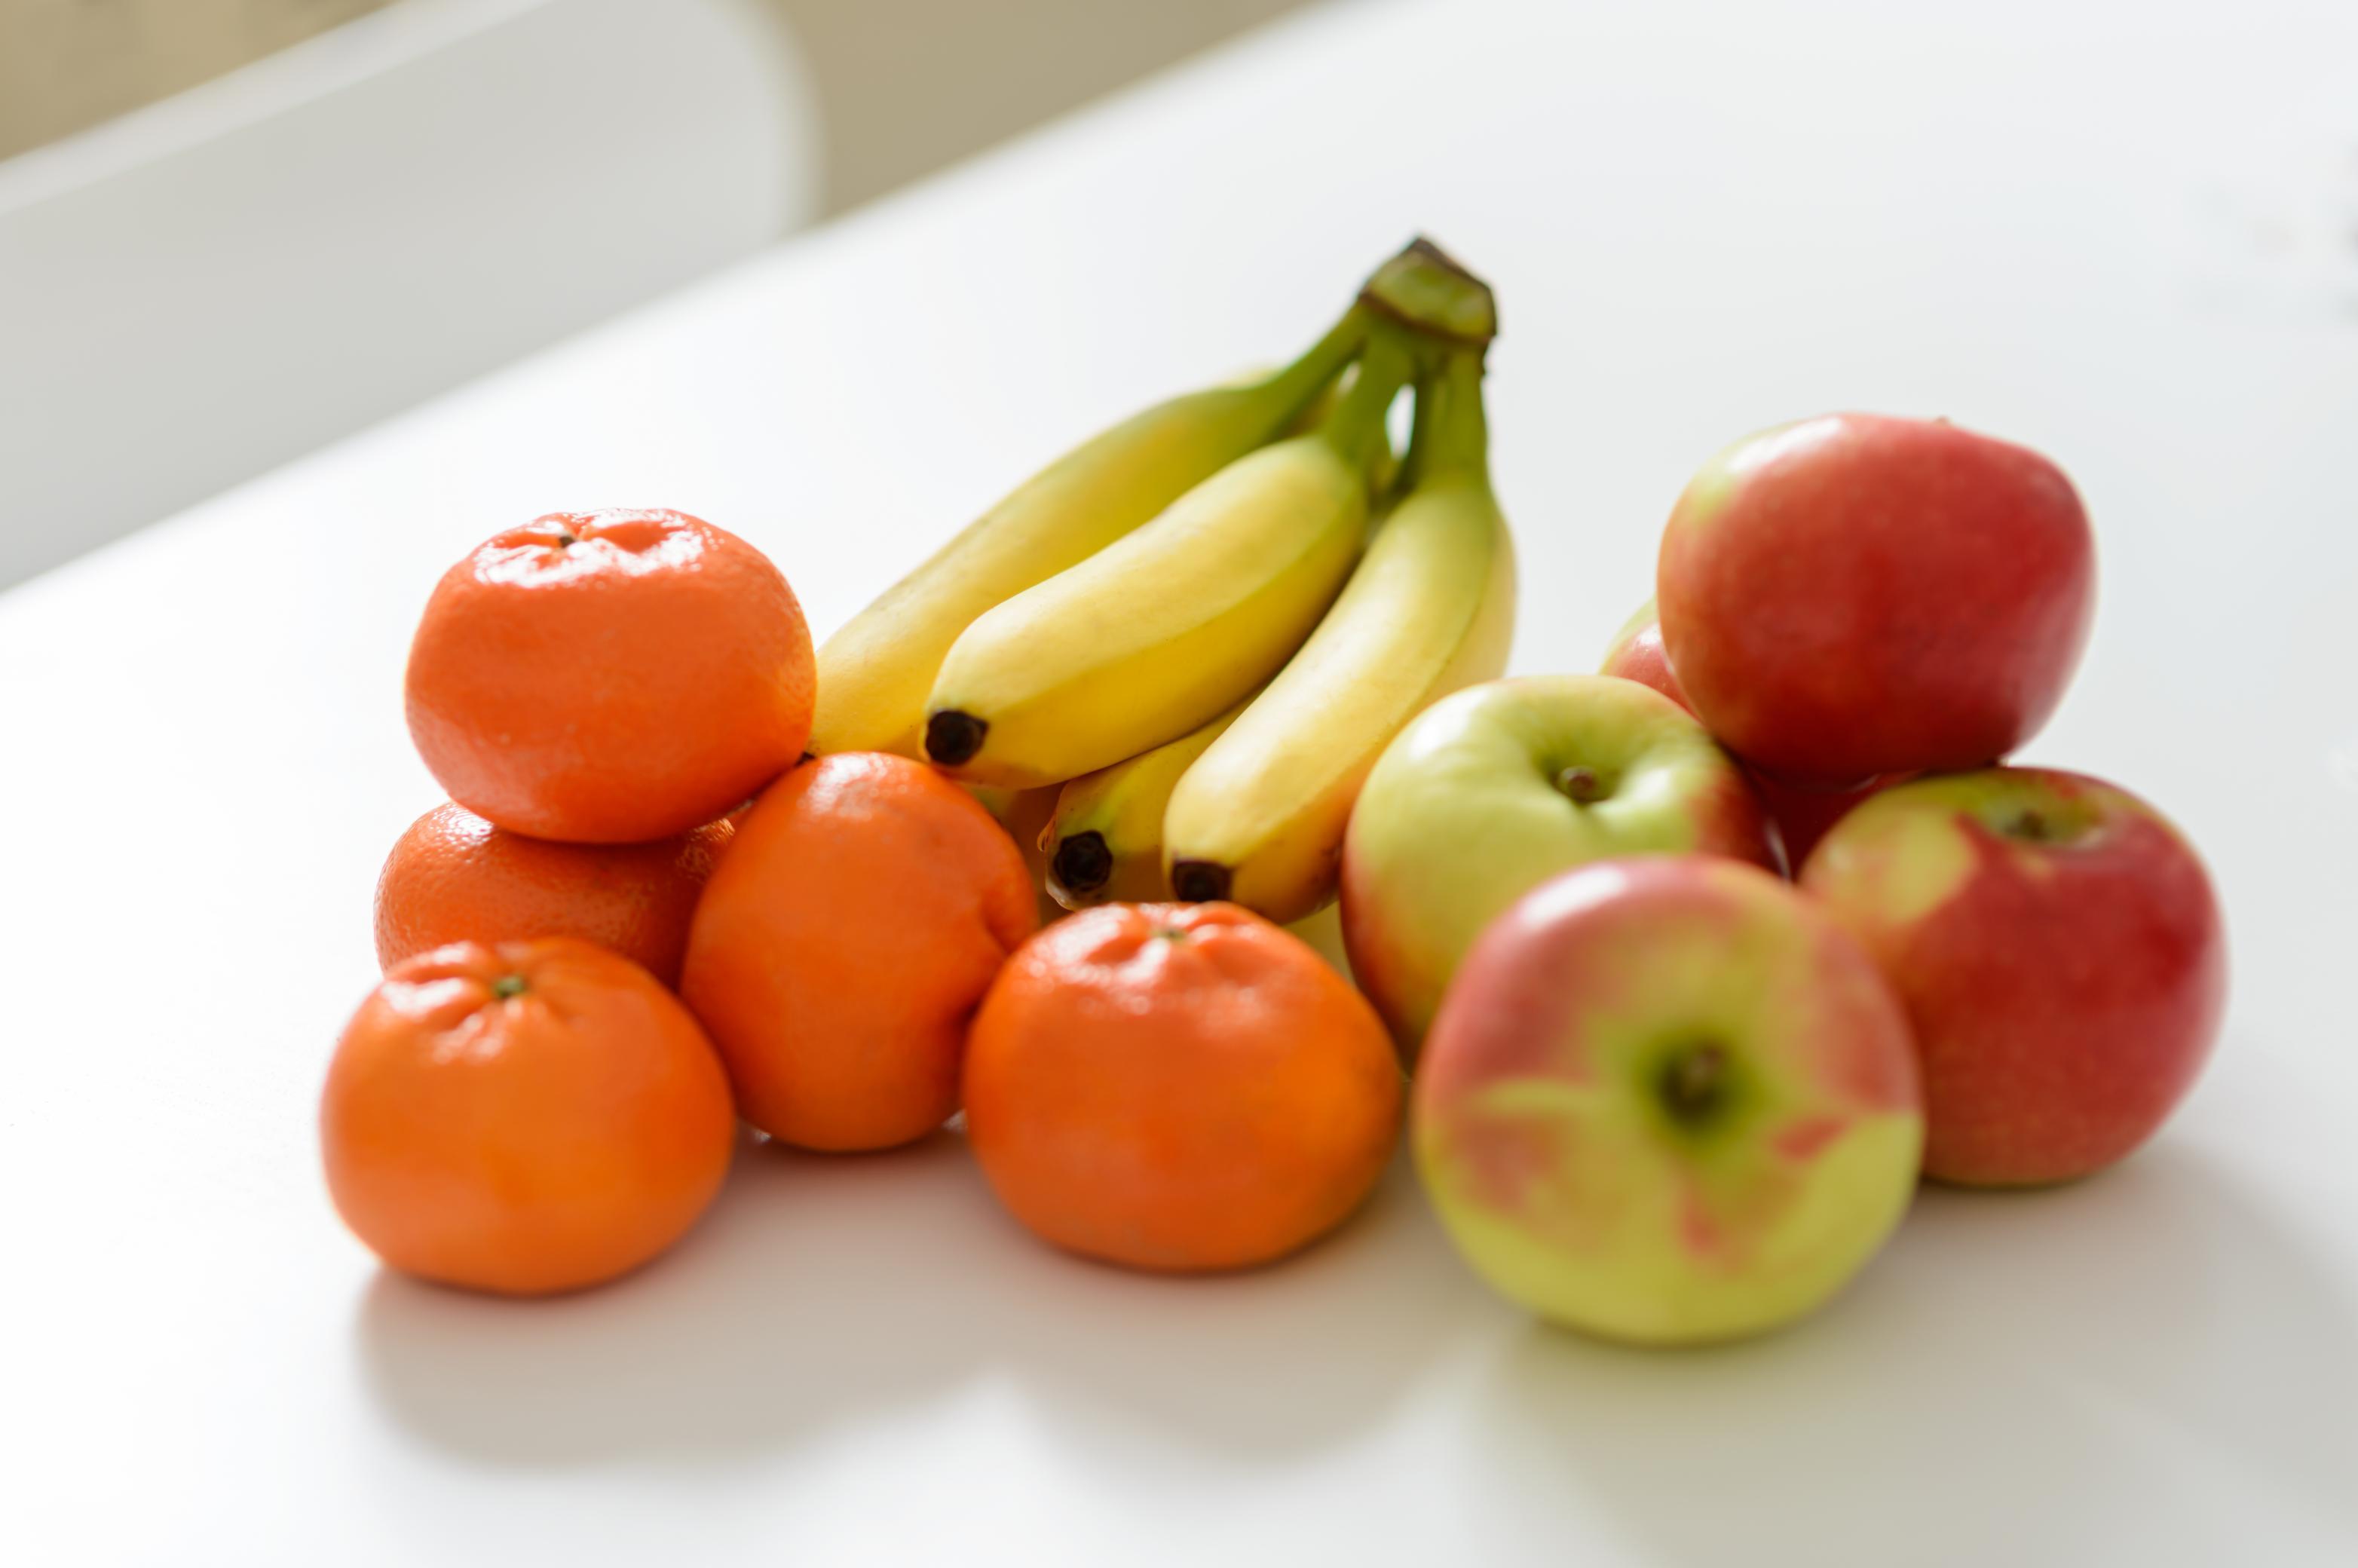 Frisches Obst mit Banane, Orangen und Äpfeln